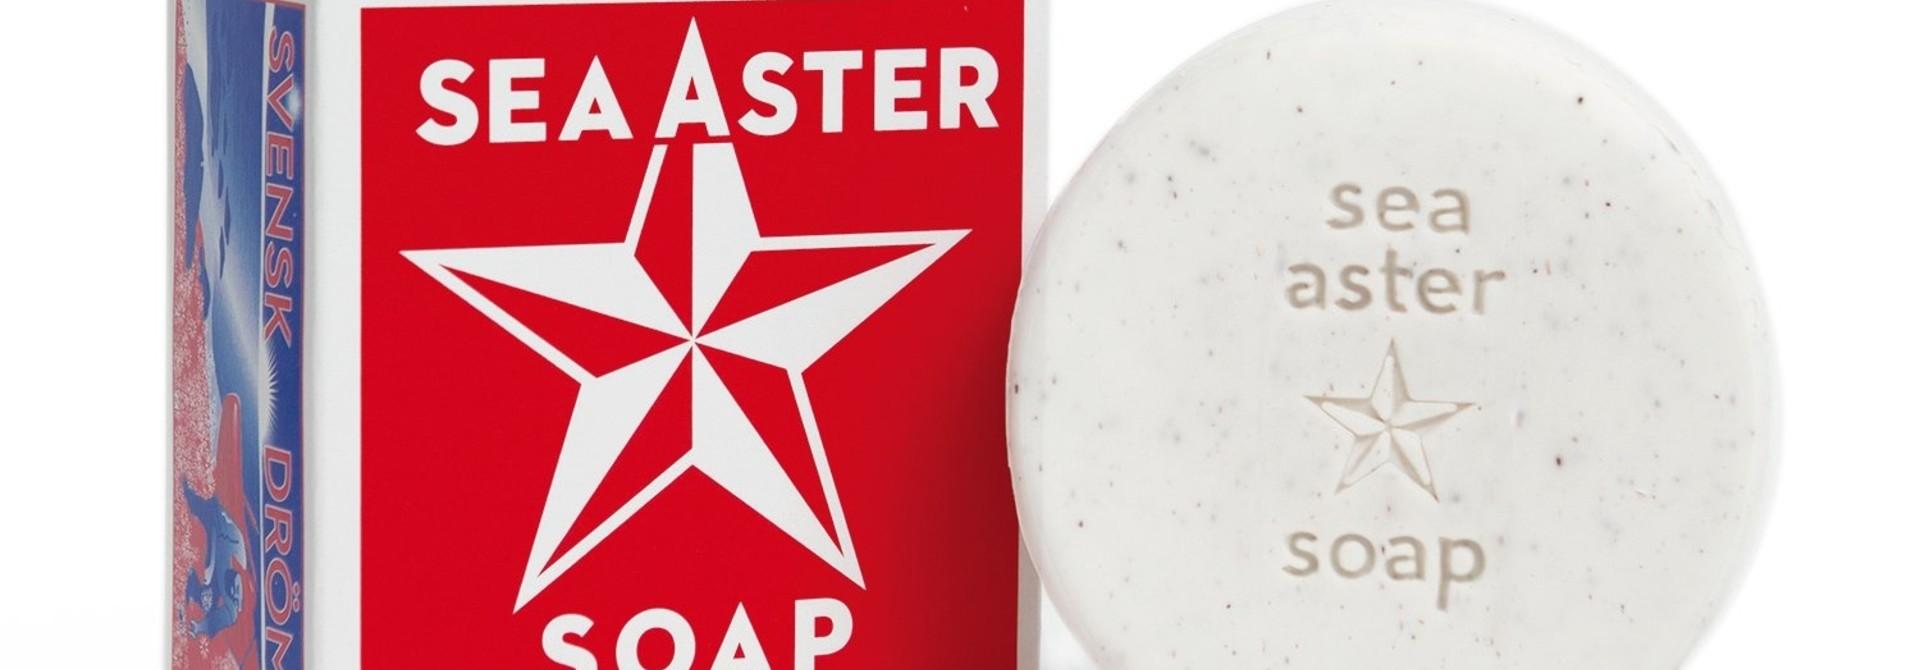 Swedish Dream - Sea Aster Soap